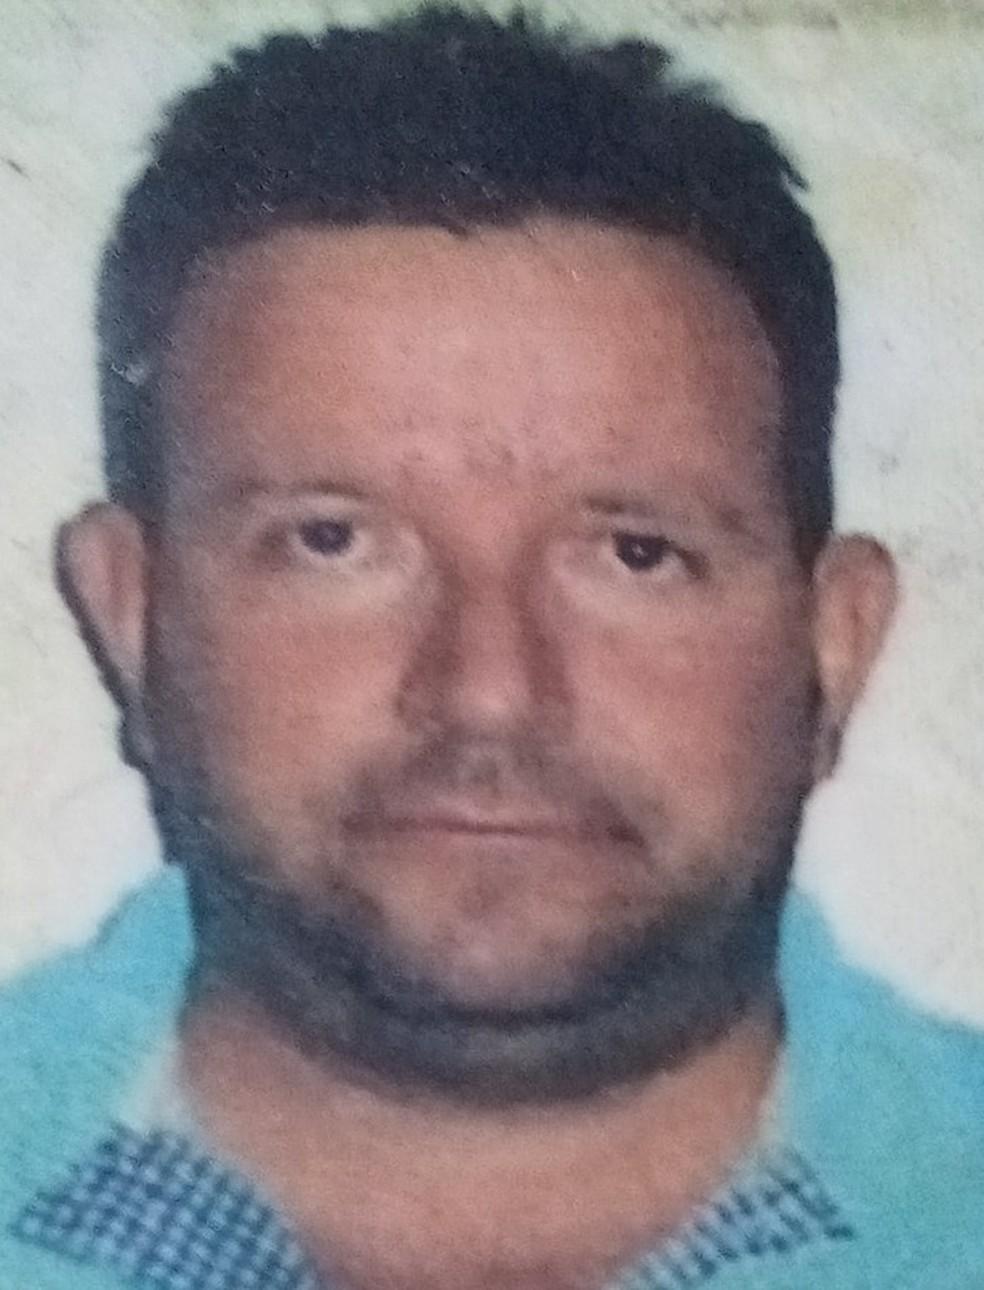 Empresário Gilberto de Oliveira Couto, de 46 anos, foi assassinado no município de Guarantã do Norte — Foto: Divulgação